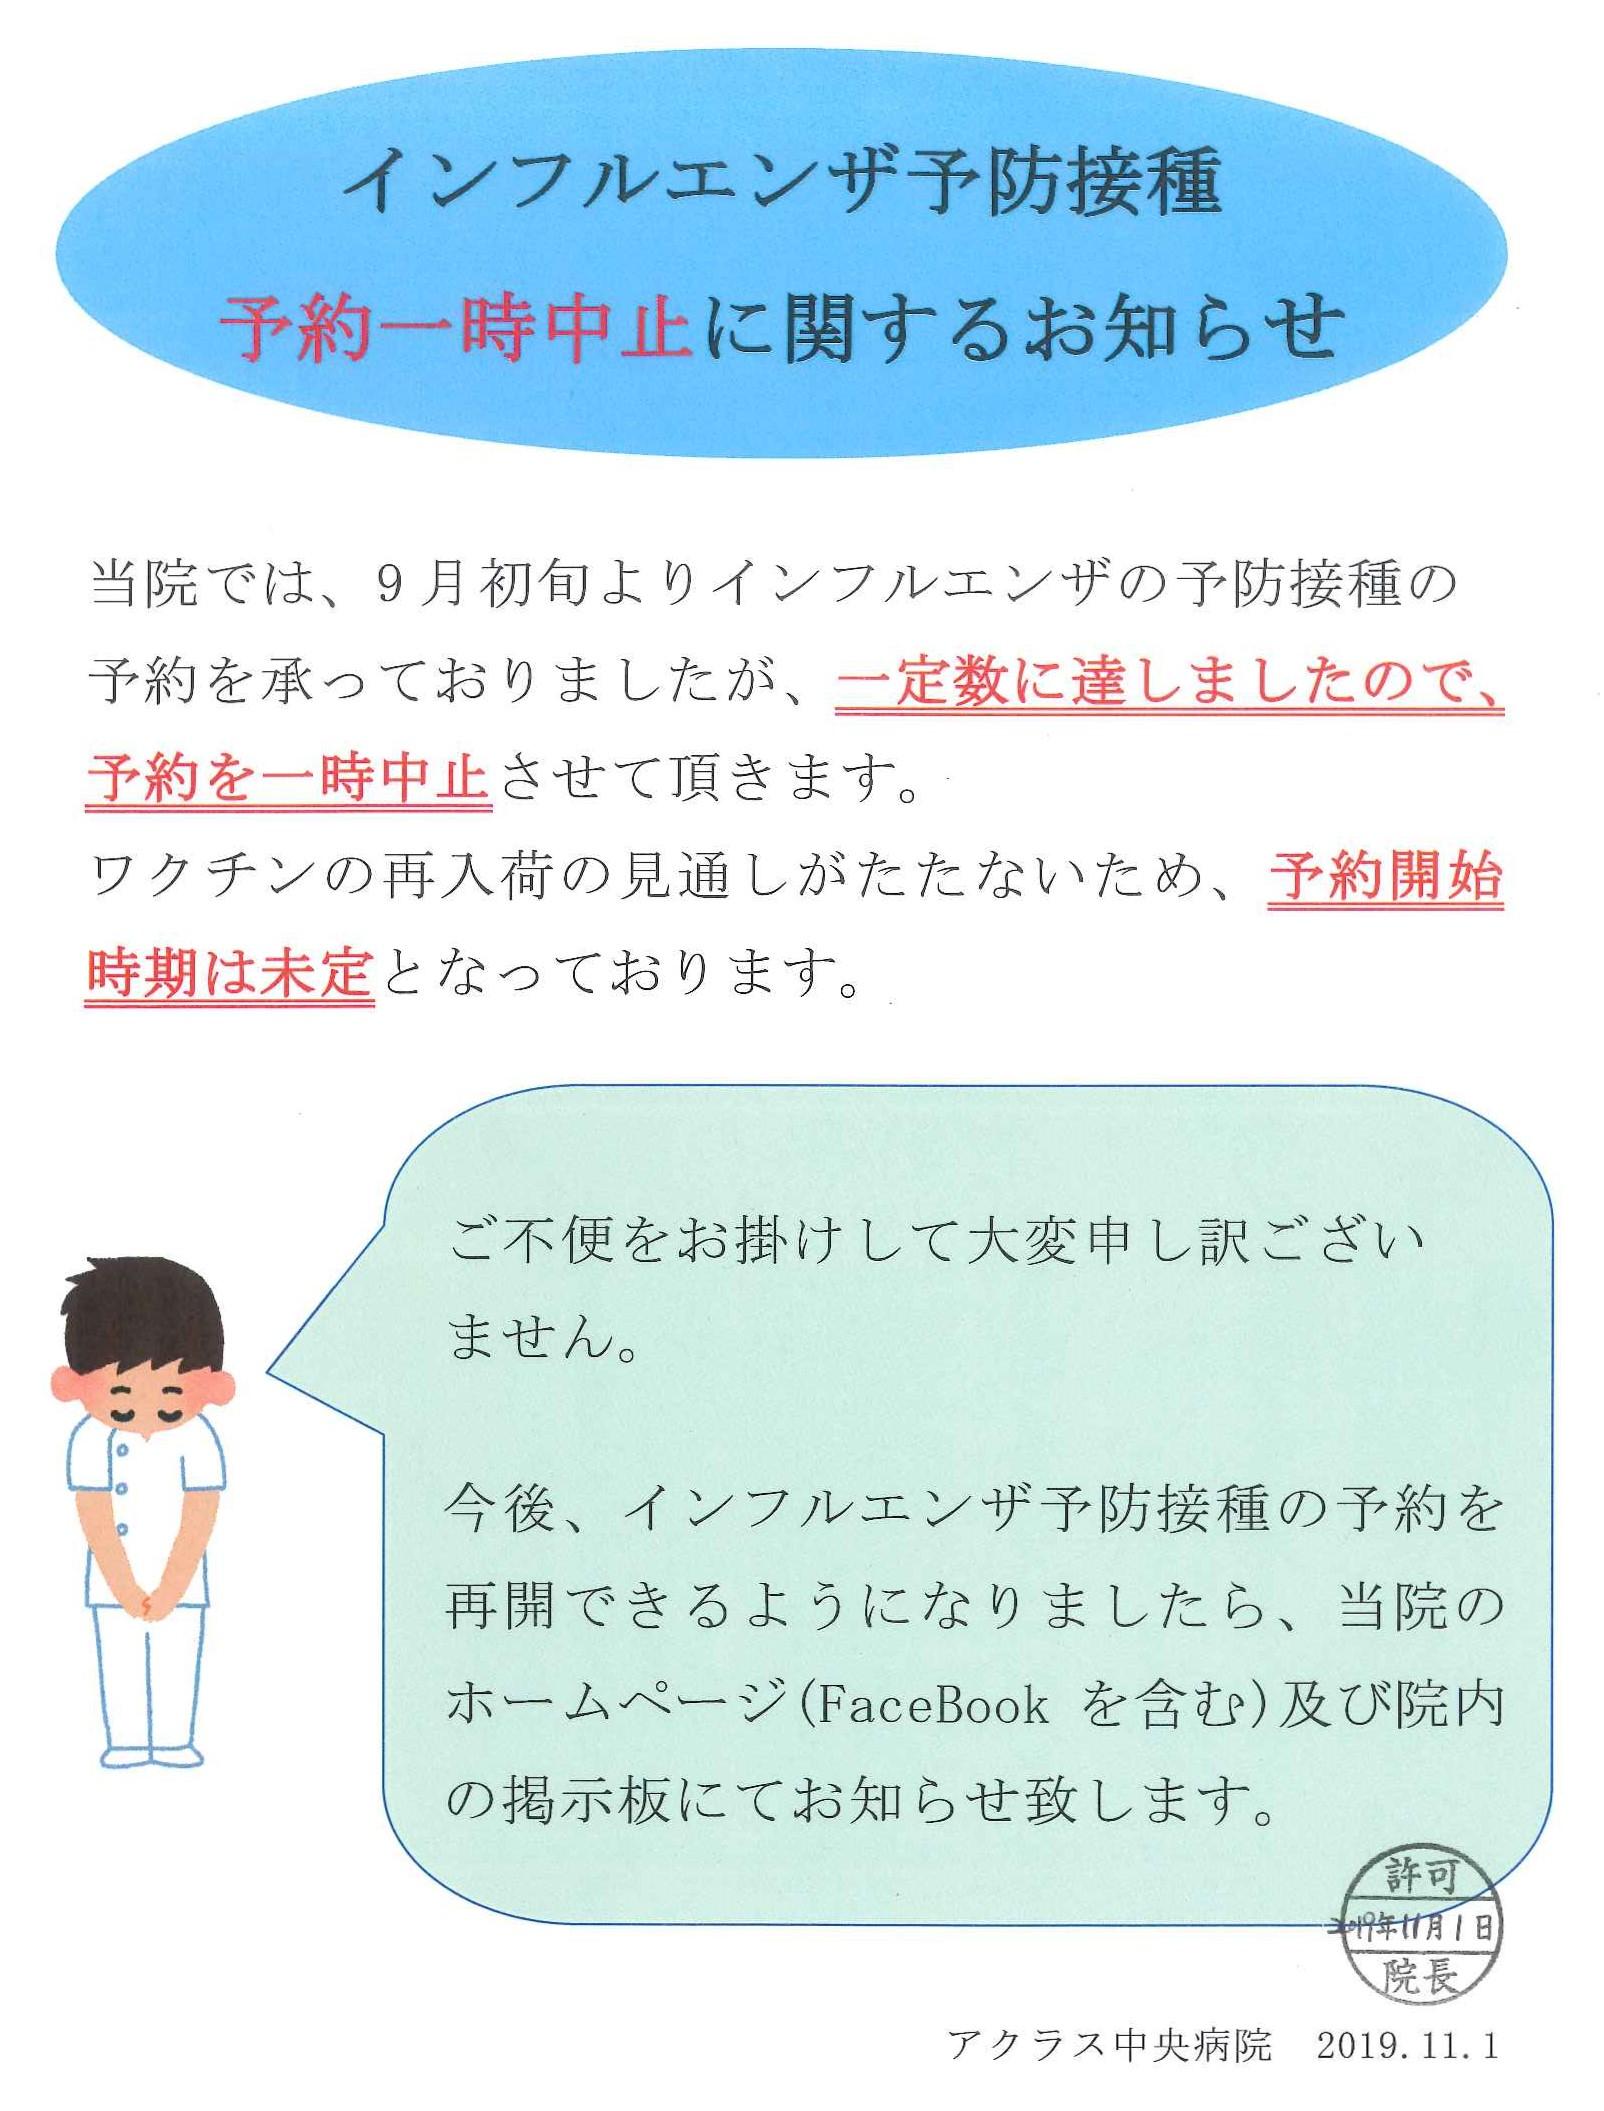 インフルエンザ予防接種予約一時中止に関するお知らせ.jpg